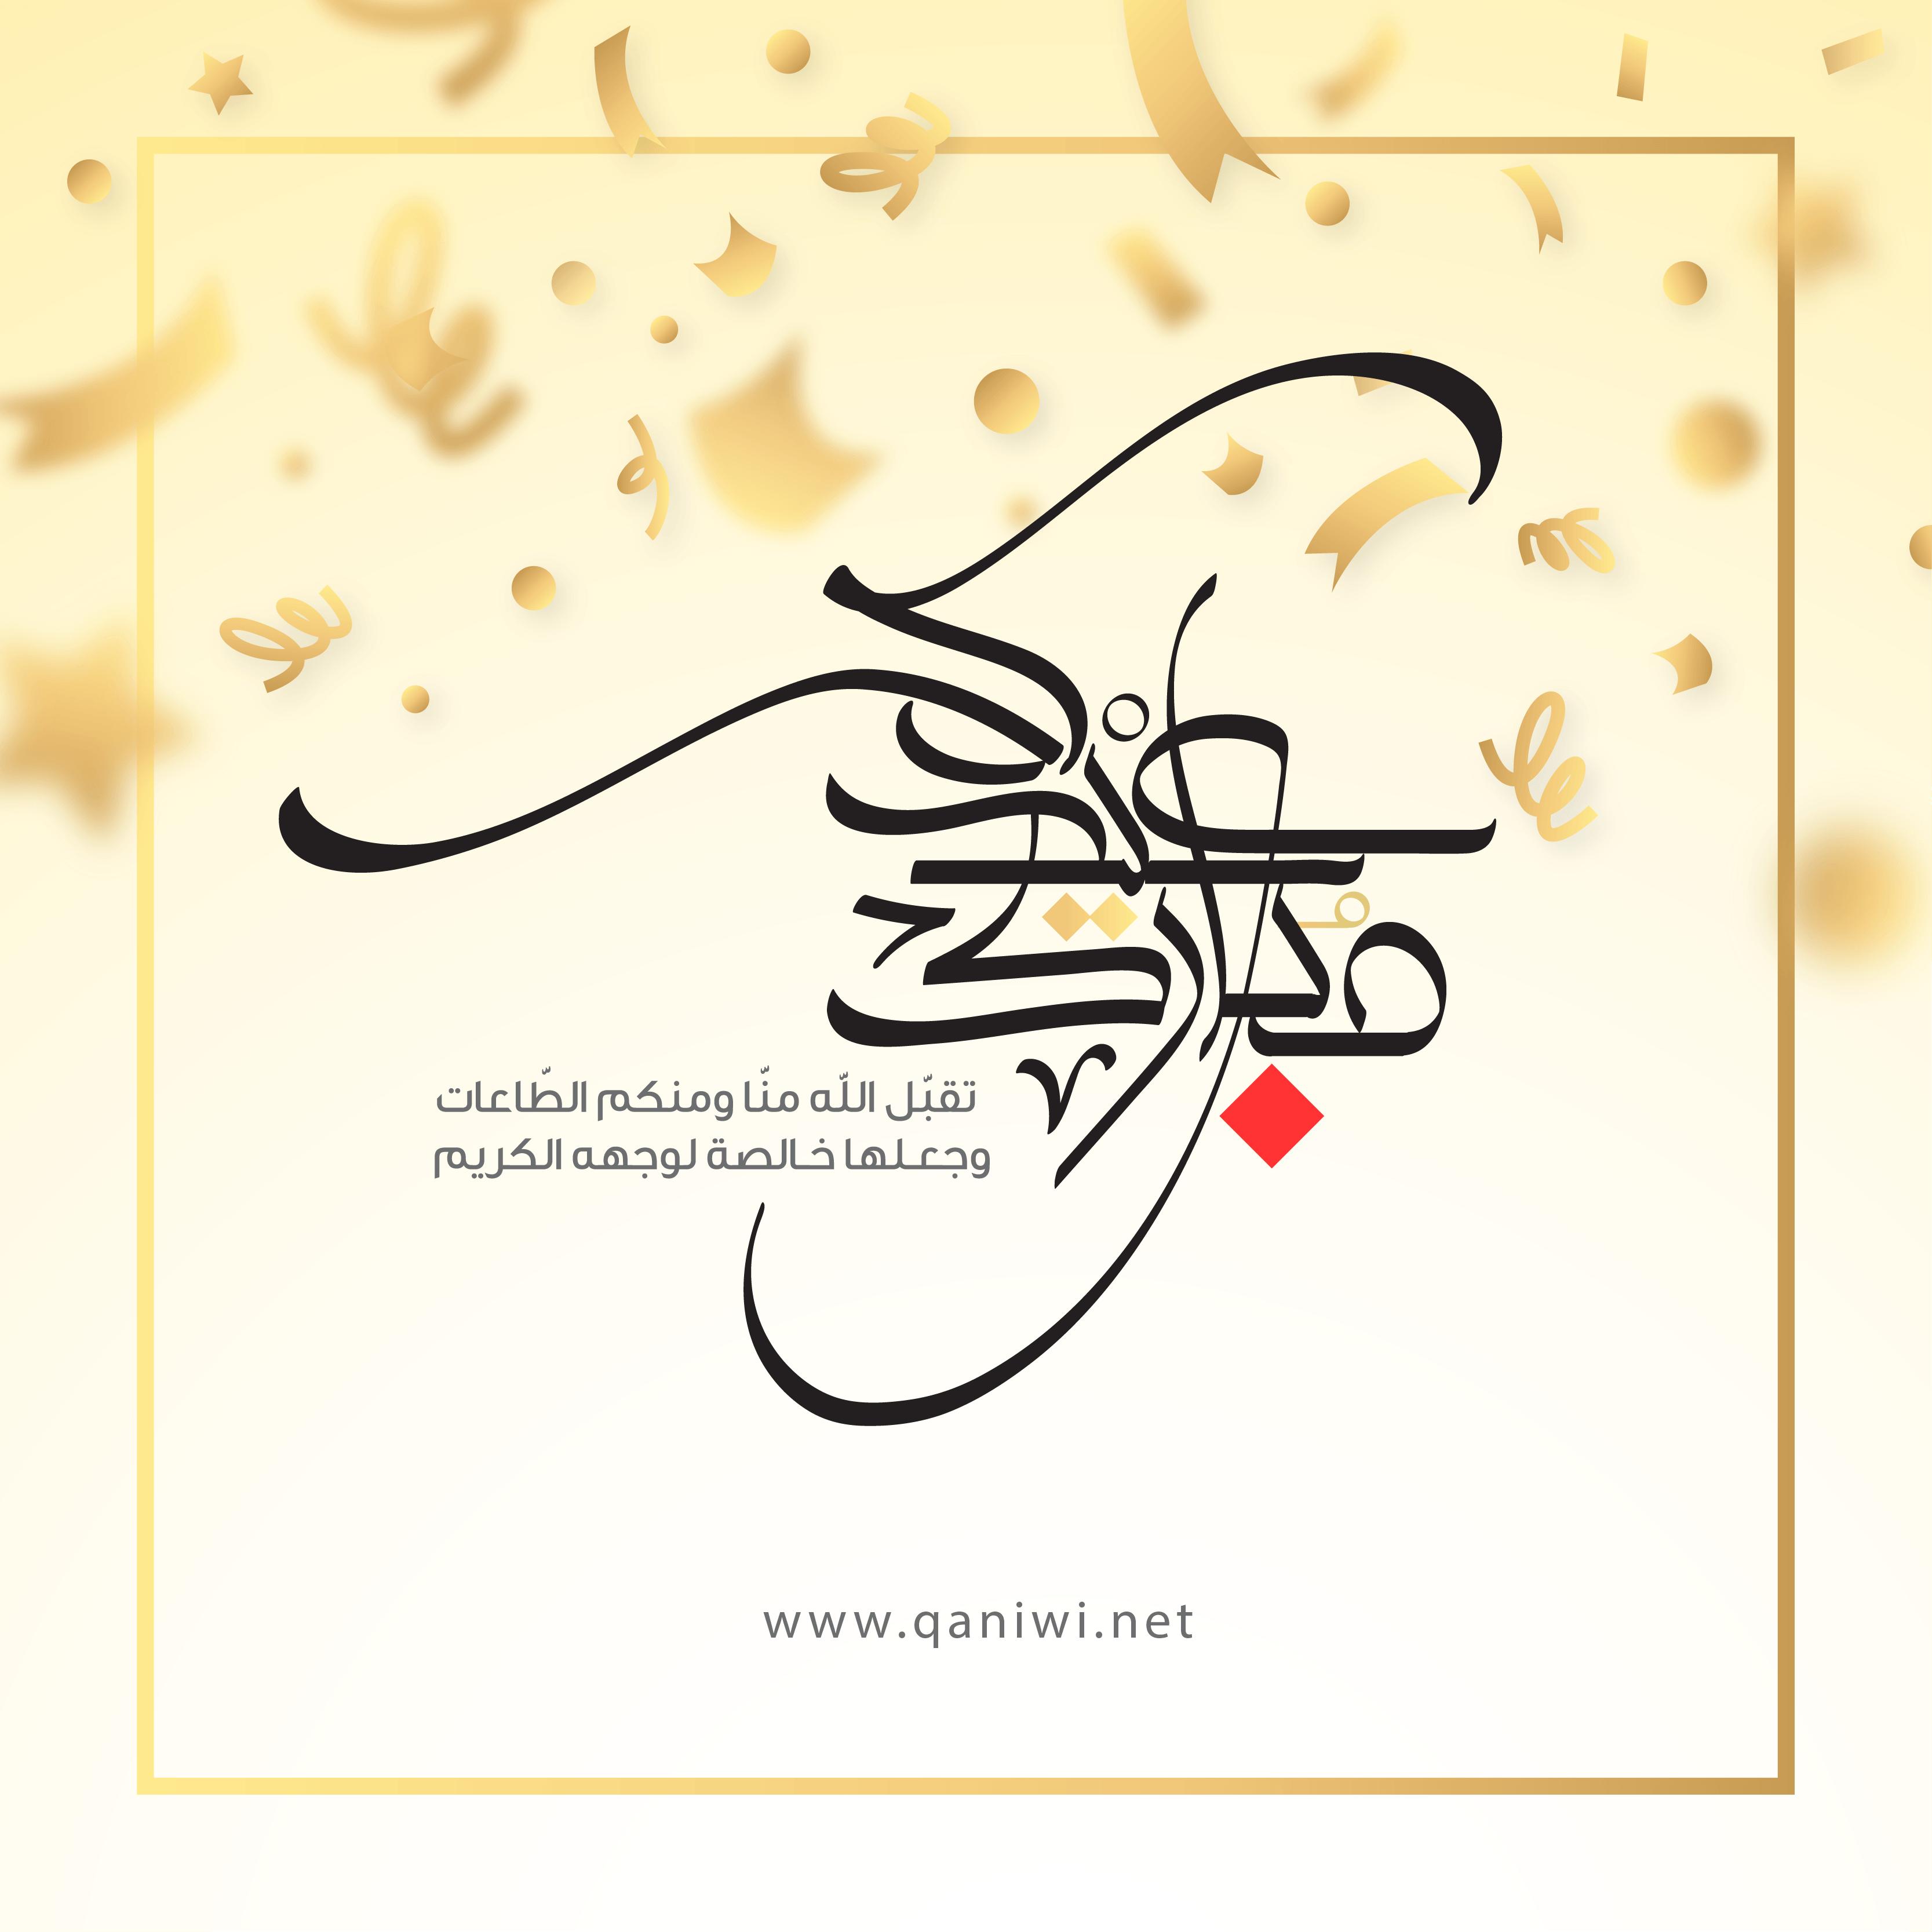 Eid Mubarak عيد مبارك Eid Mubarik Graphic Design Design